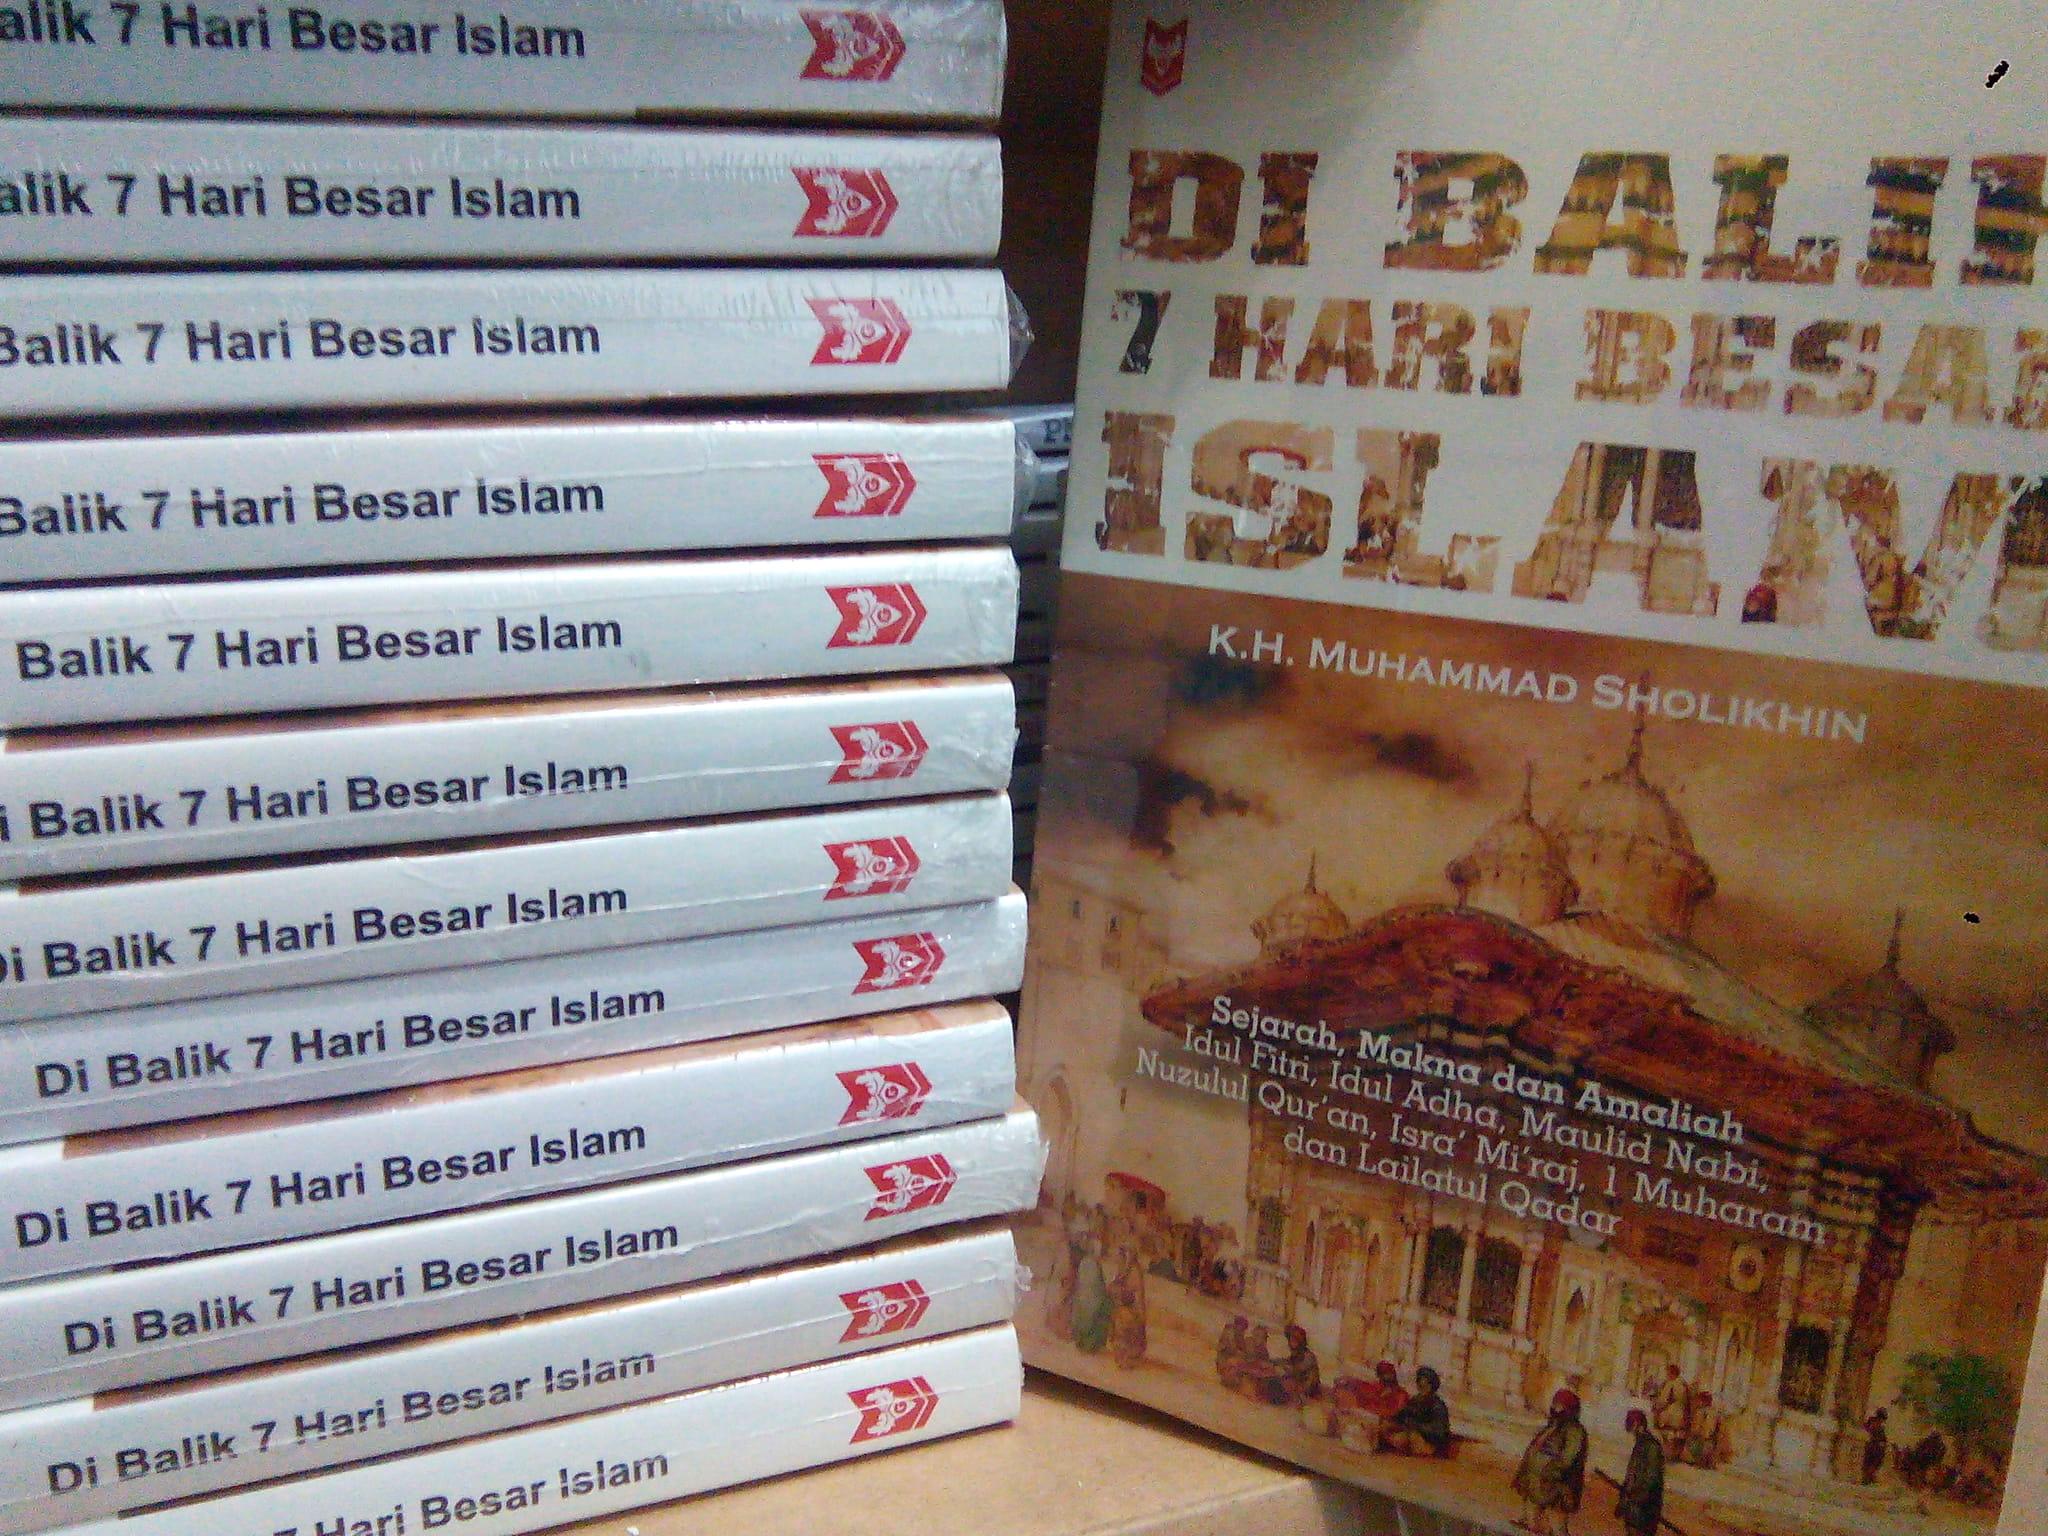 Di Balik 7 Hari Besar Islam - Blanja.com